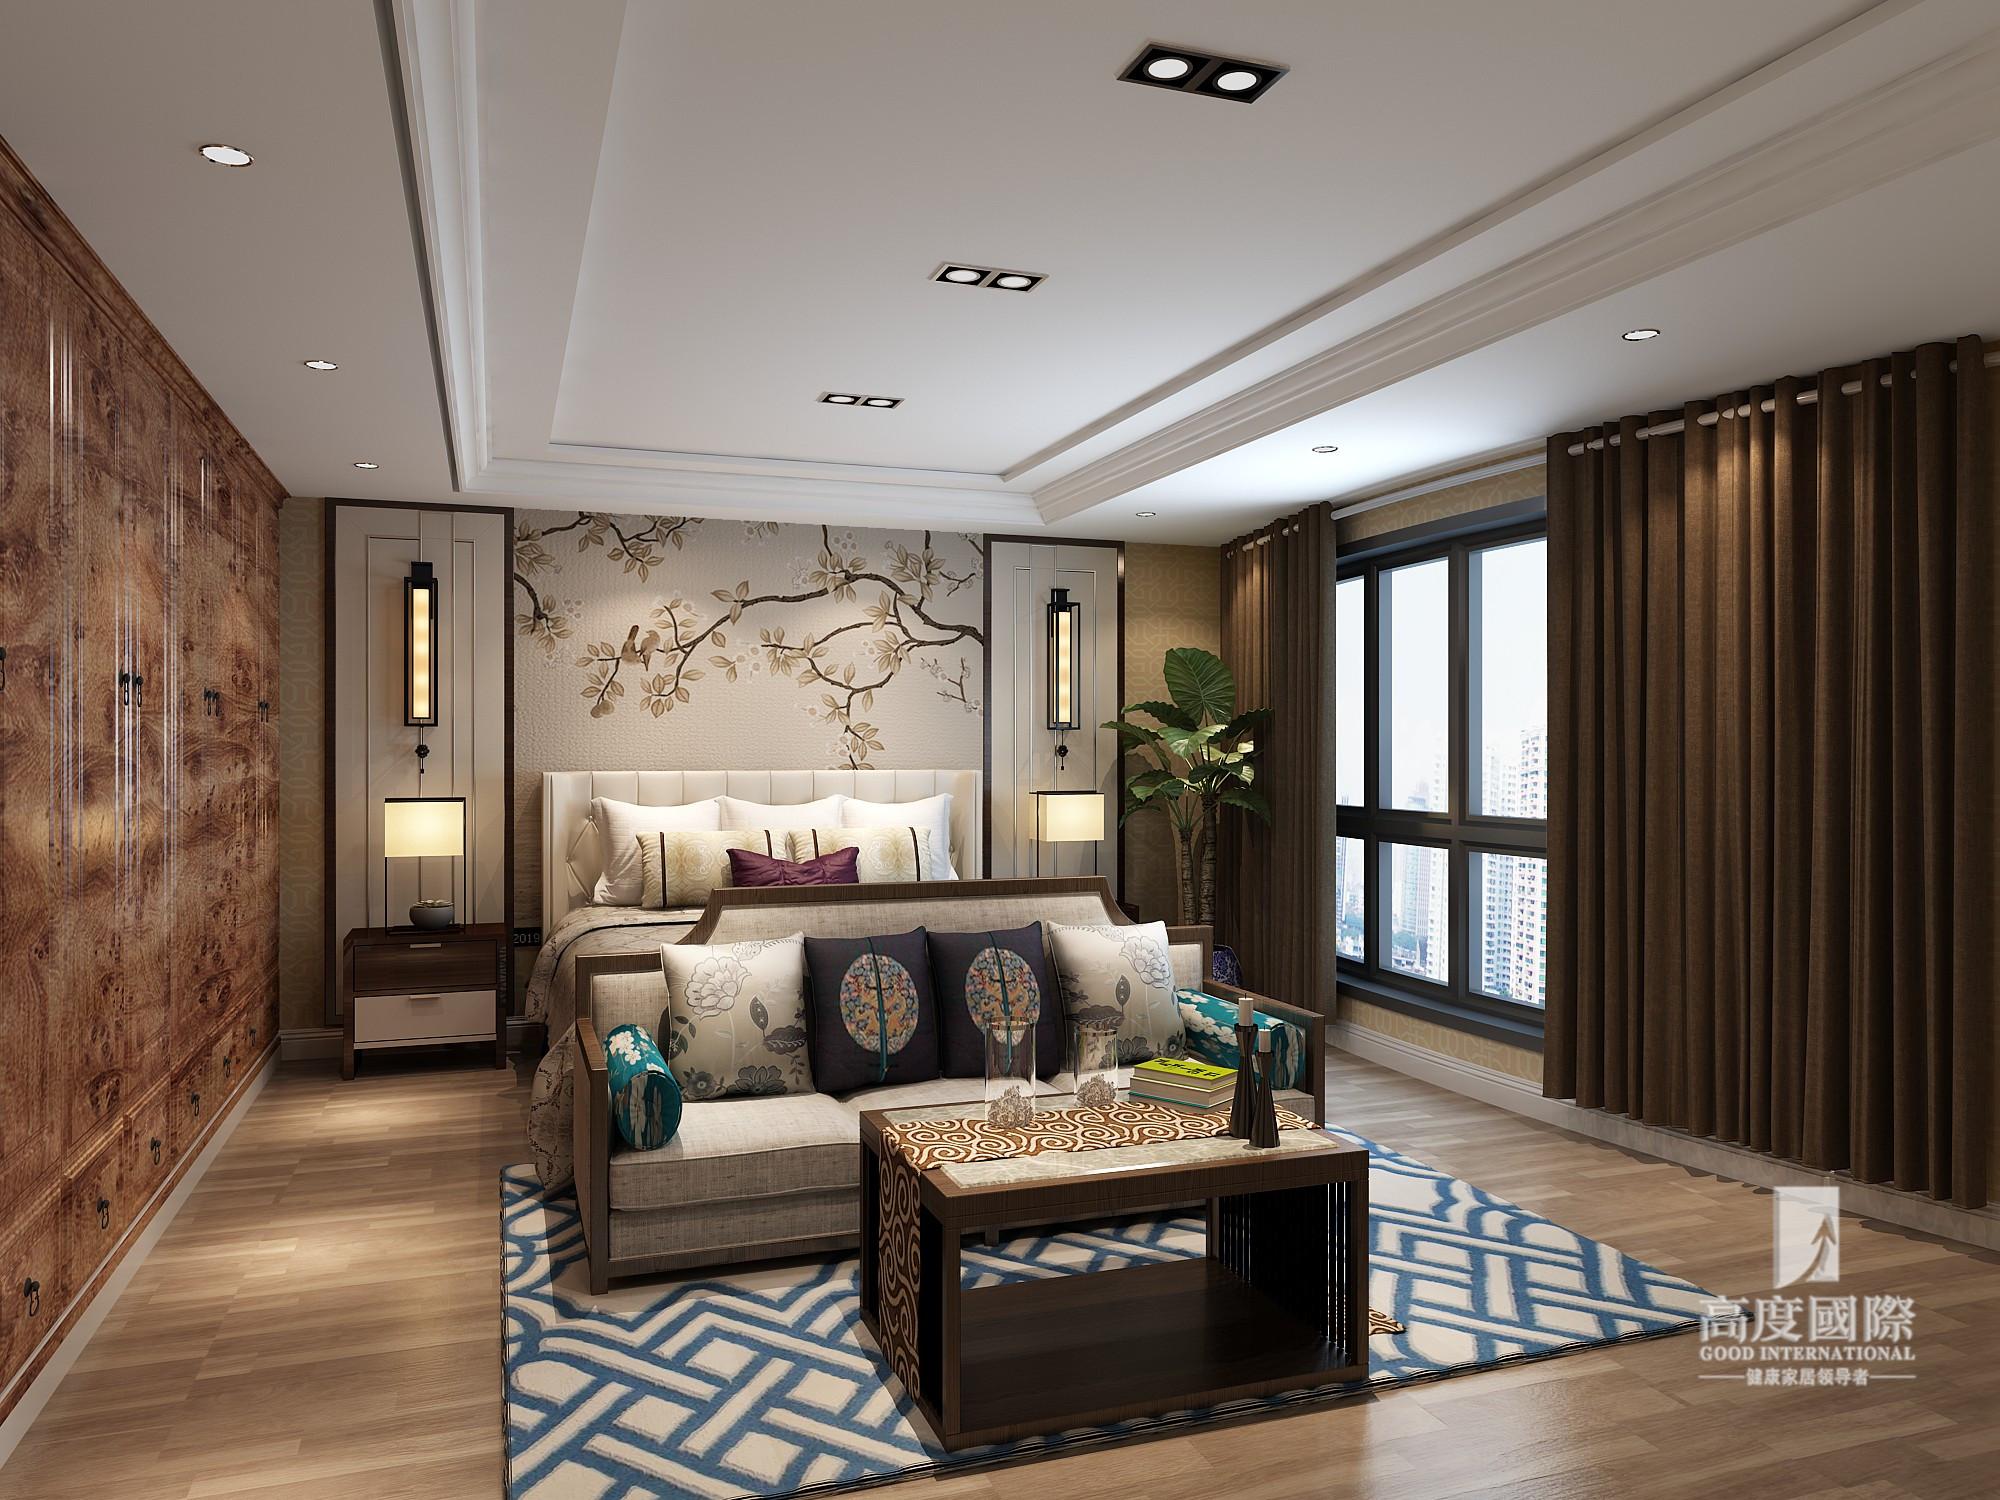 复式 高度国际装 卧室图片来自杭州别墅装修设计在750方复式新中式风格作品的分享